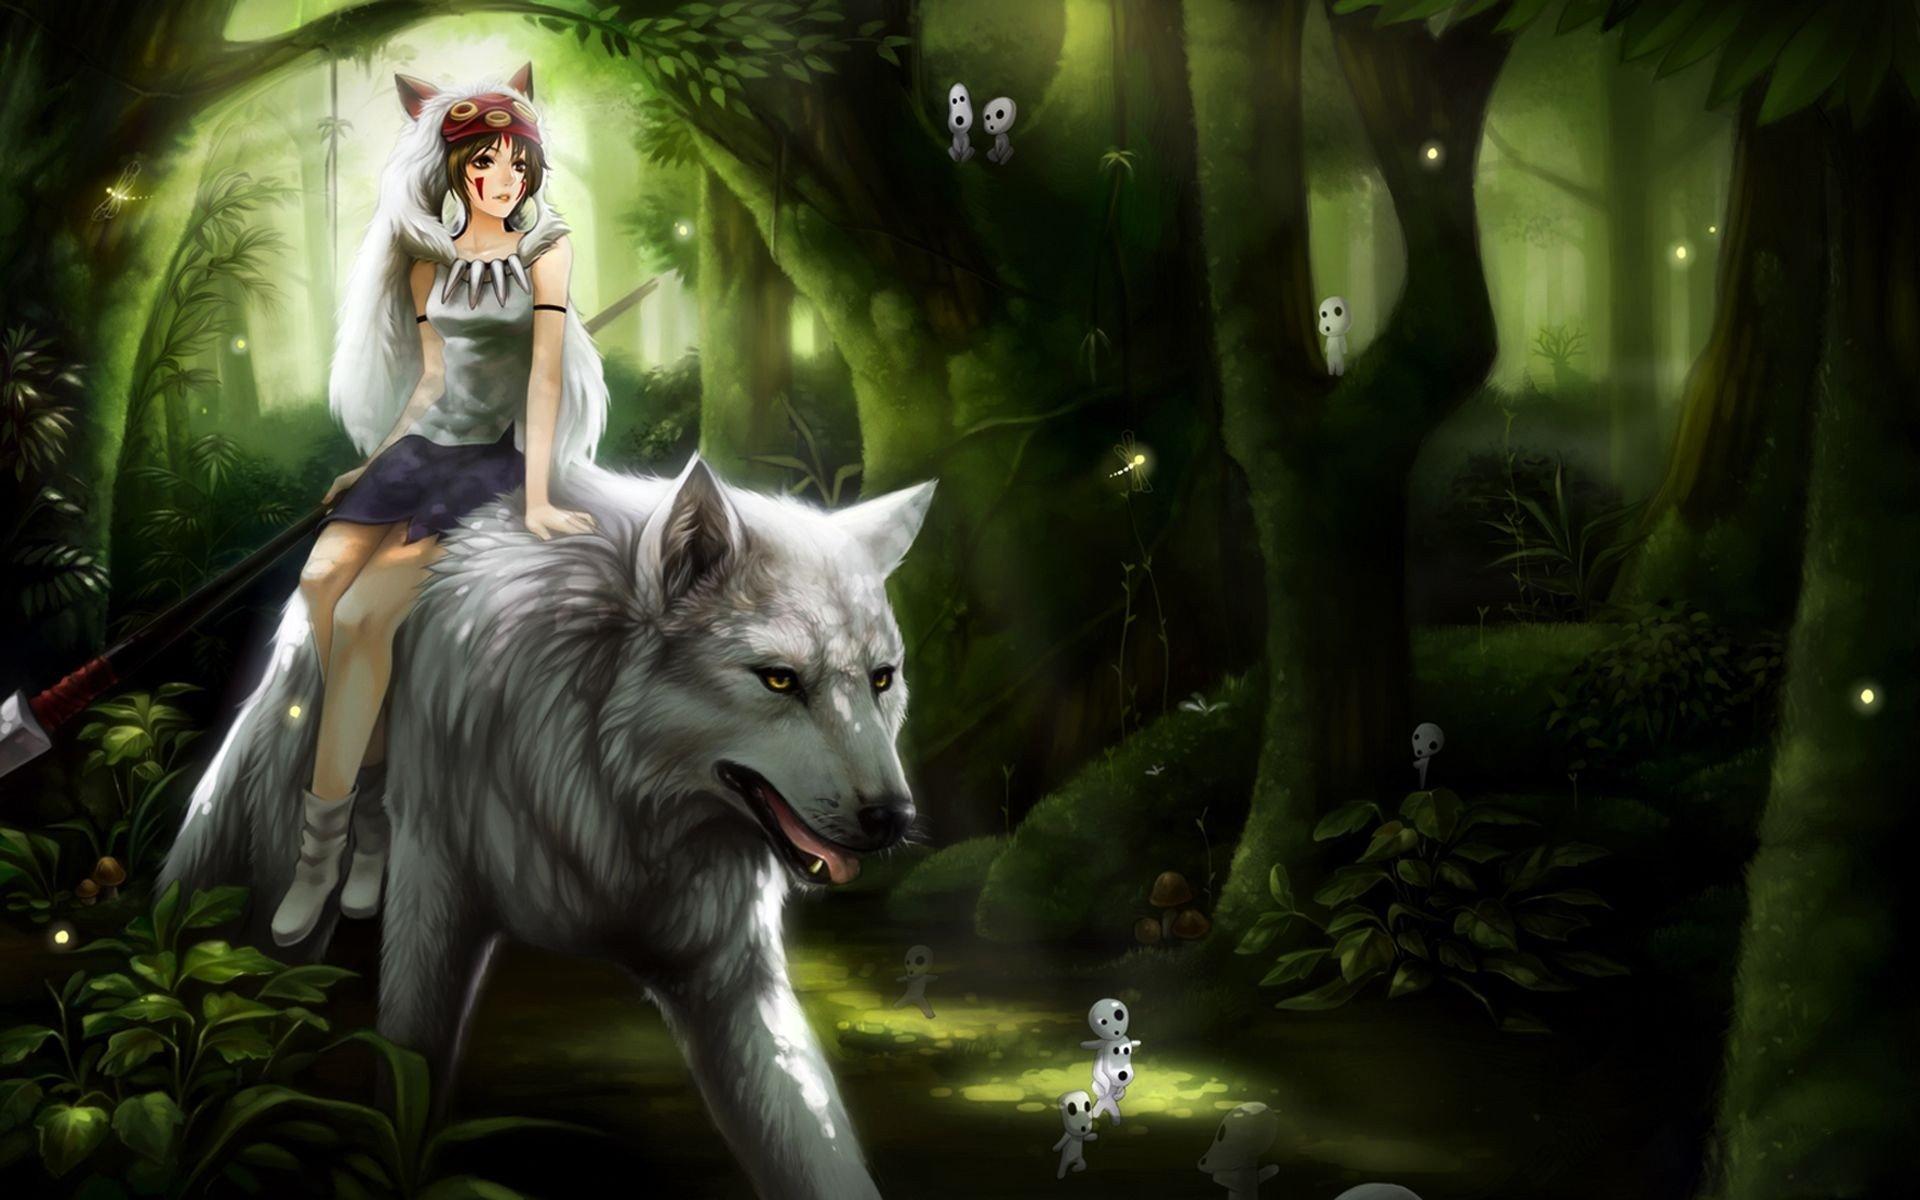 Brunette short hair anime anime girls forest wolf - Anime wolf wallpaper ...